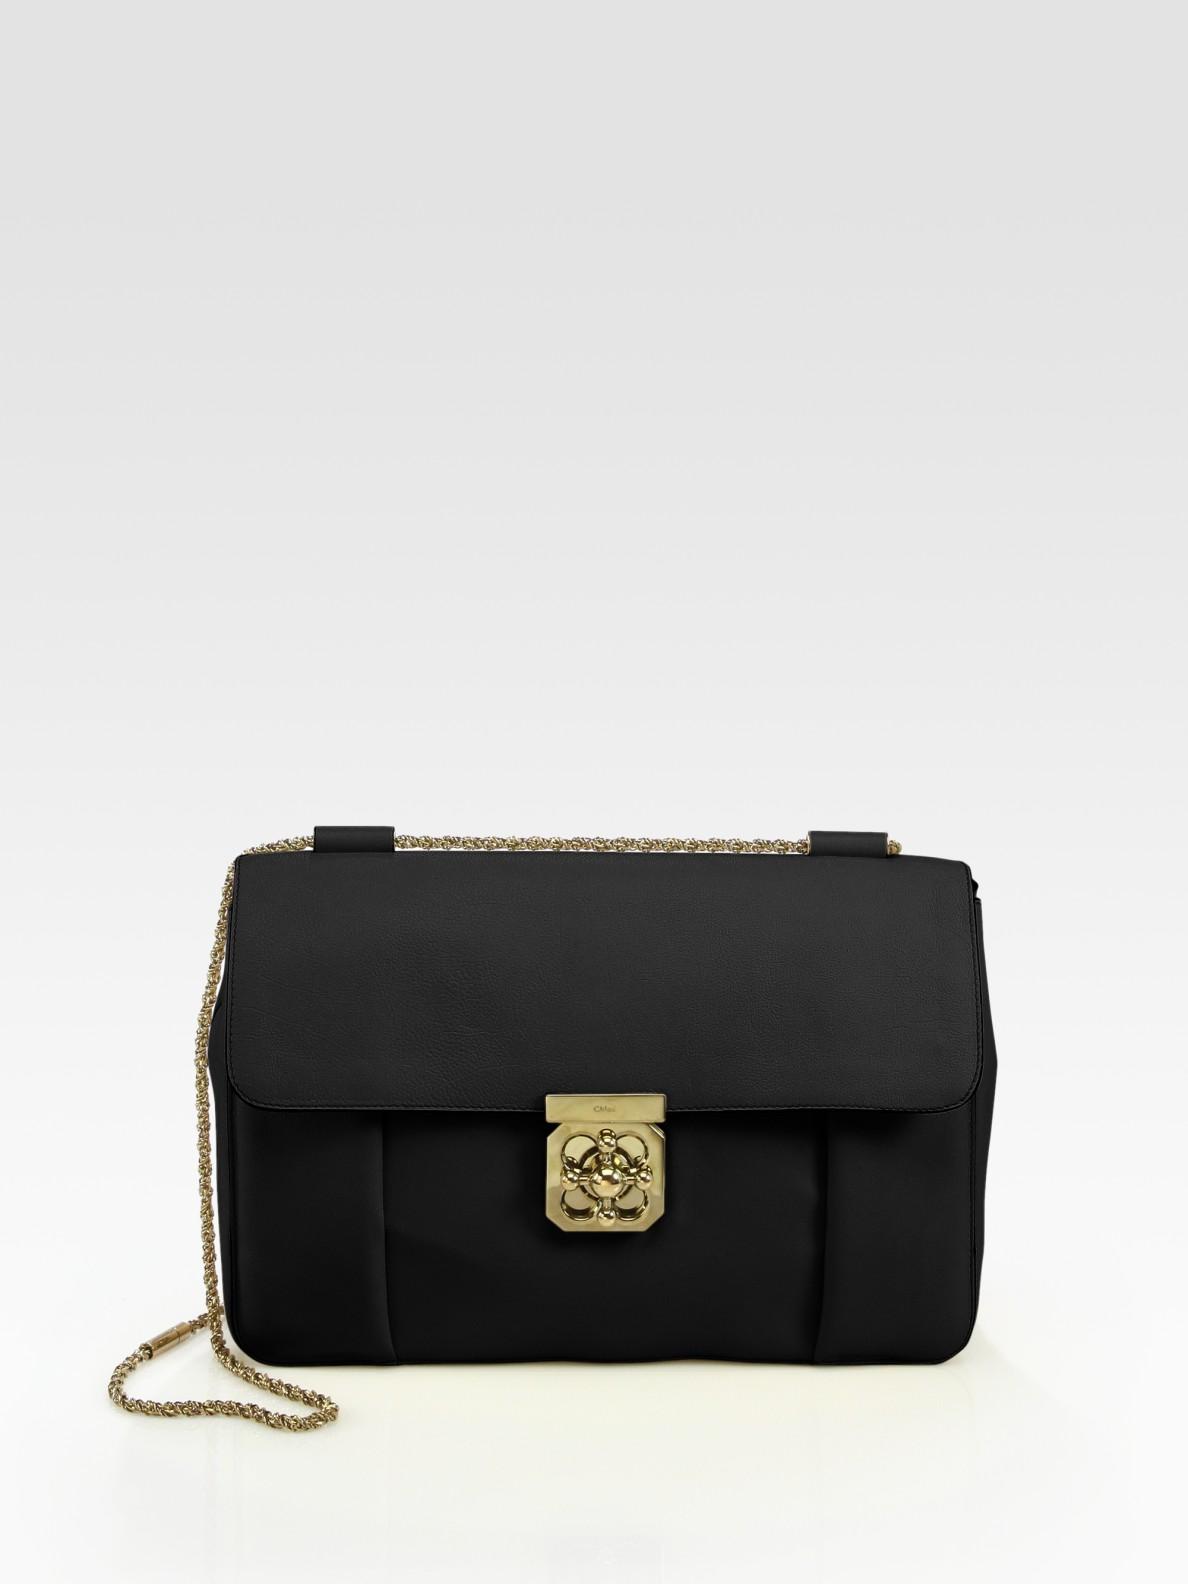 Chlo¨¦ Elsie   Shop Chlo¨¦ Elsie Bags On Lyst.com